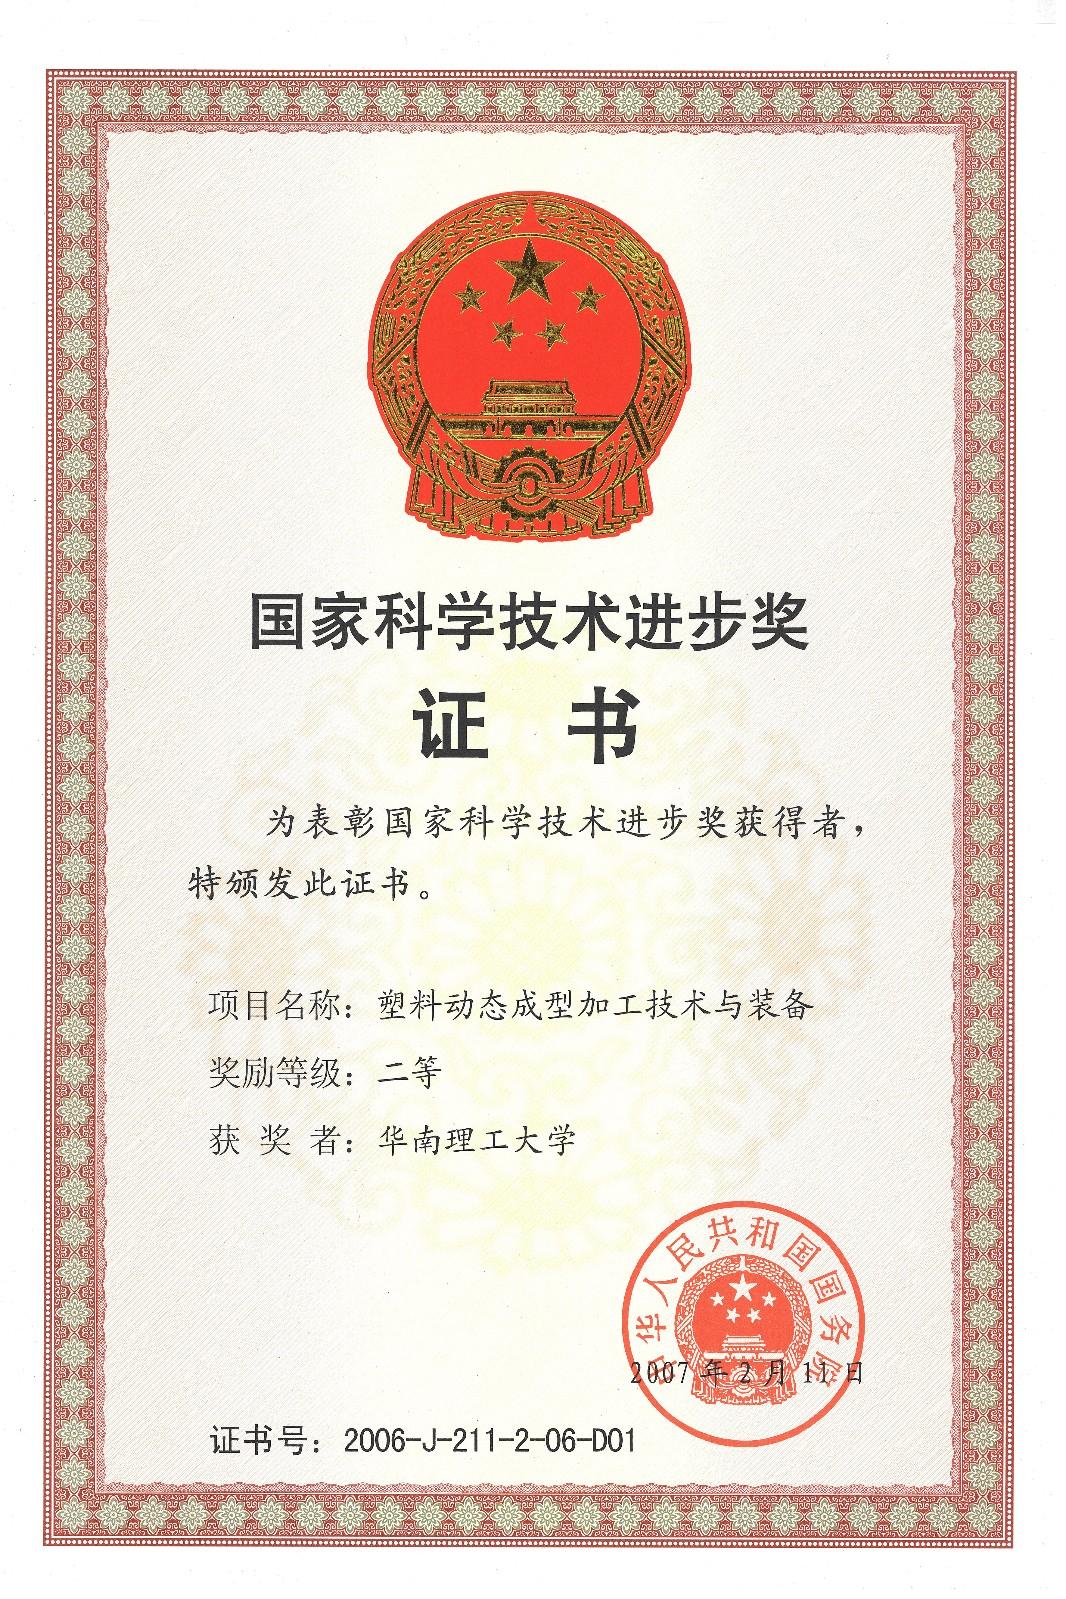 国家科技进步奖单位